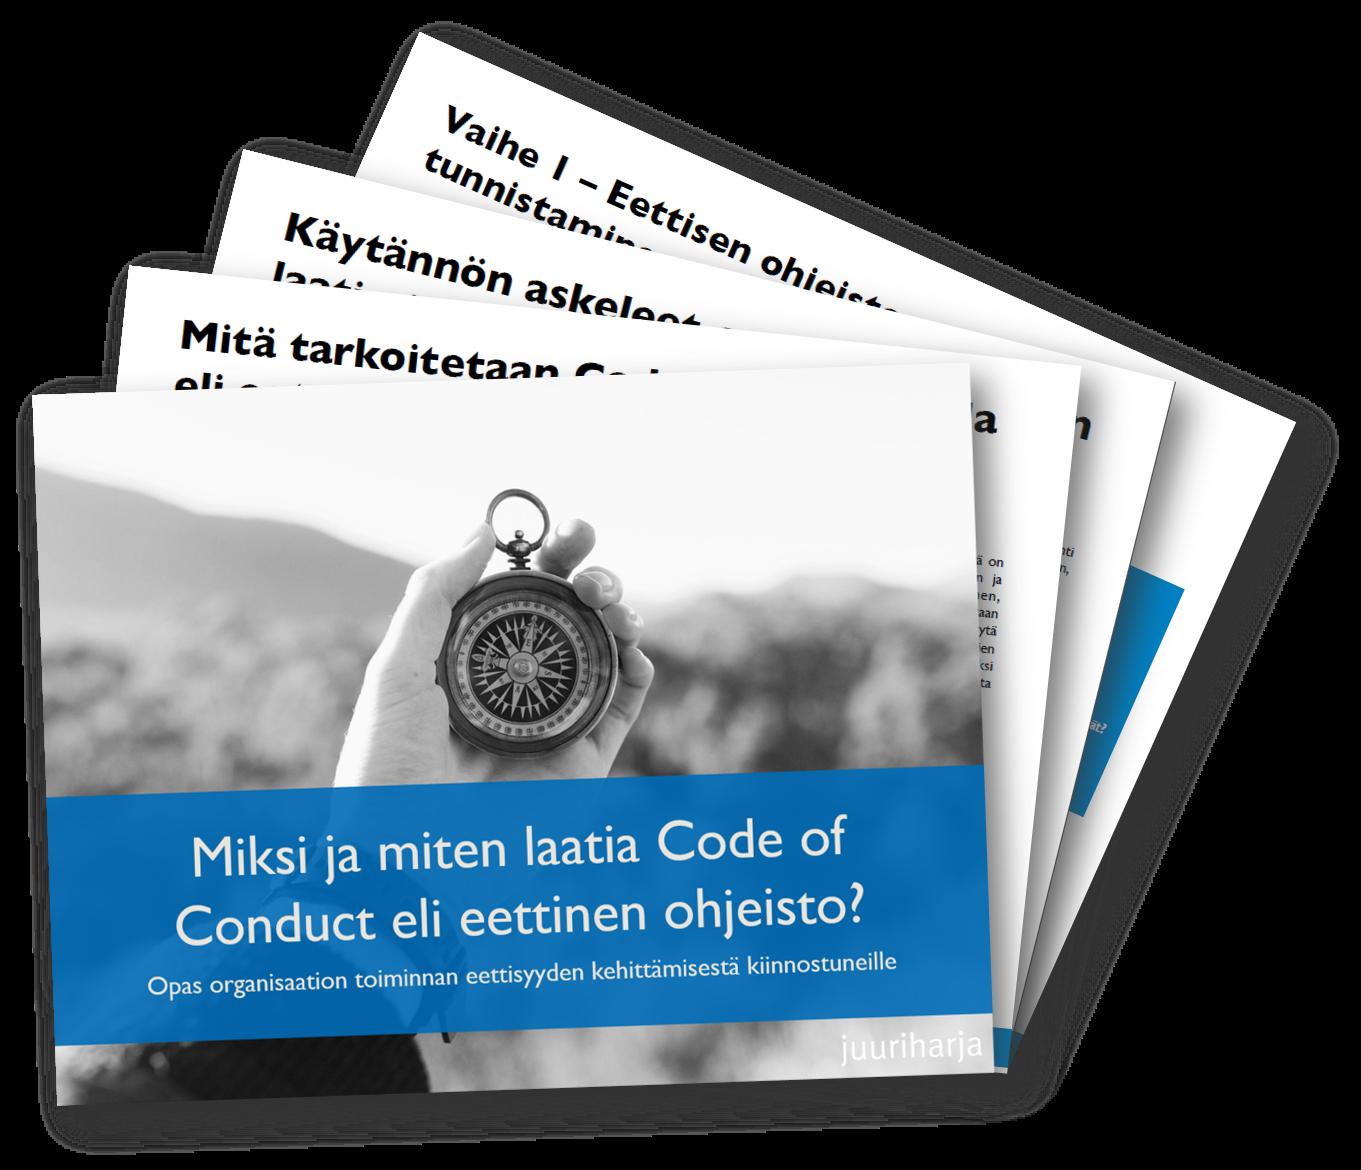 Code of Conduct eli eettinen ohjeisto -pikaopas